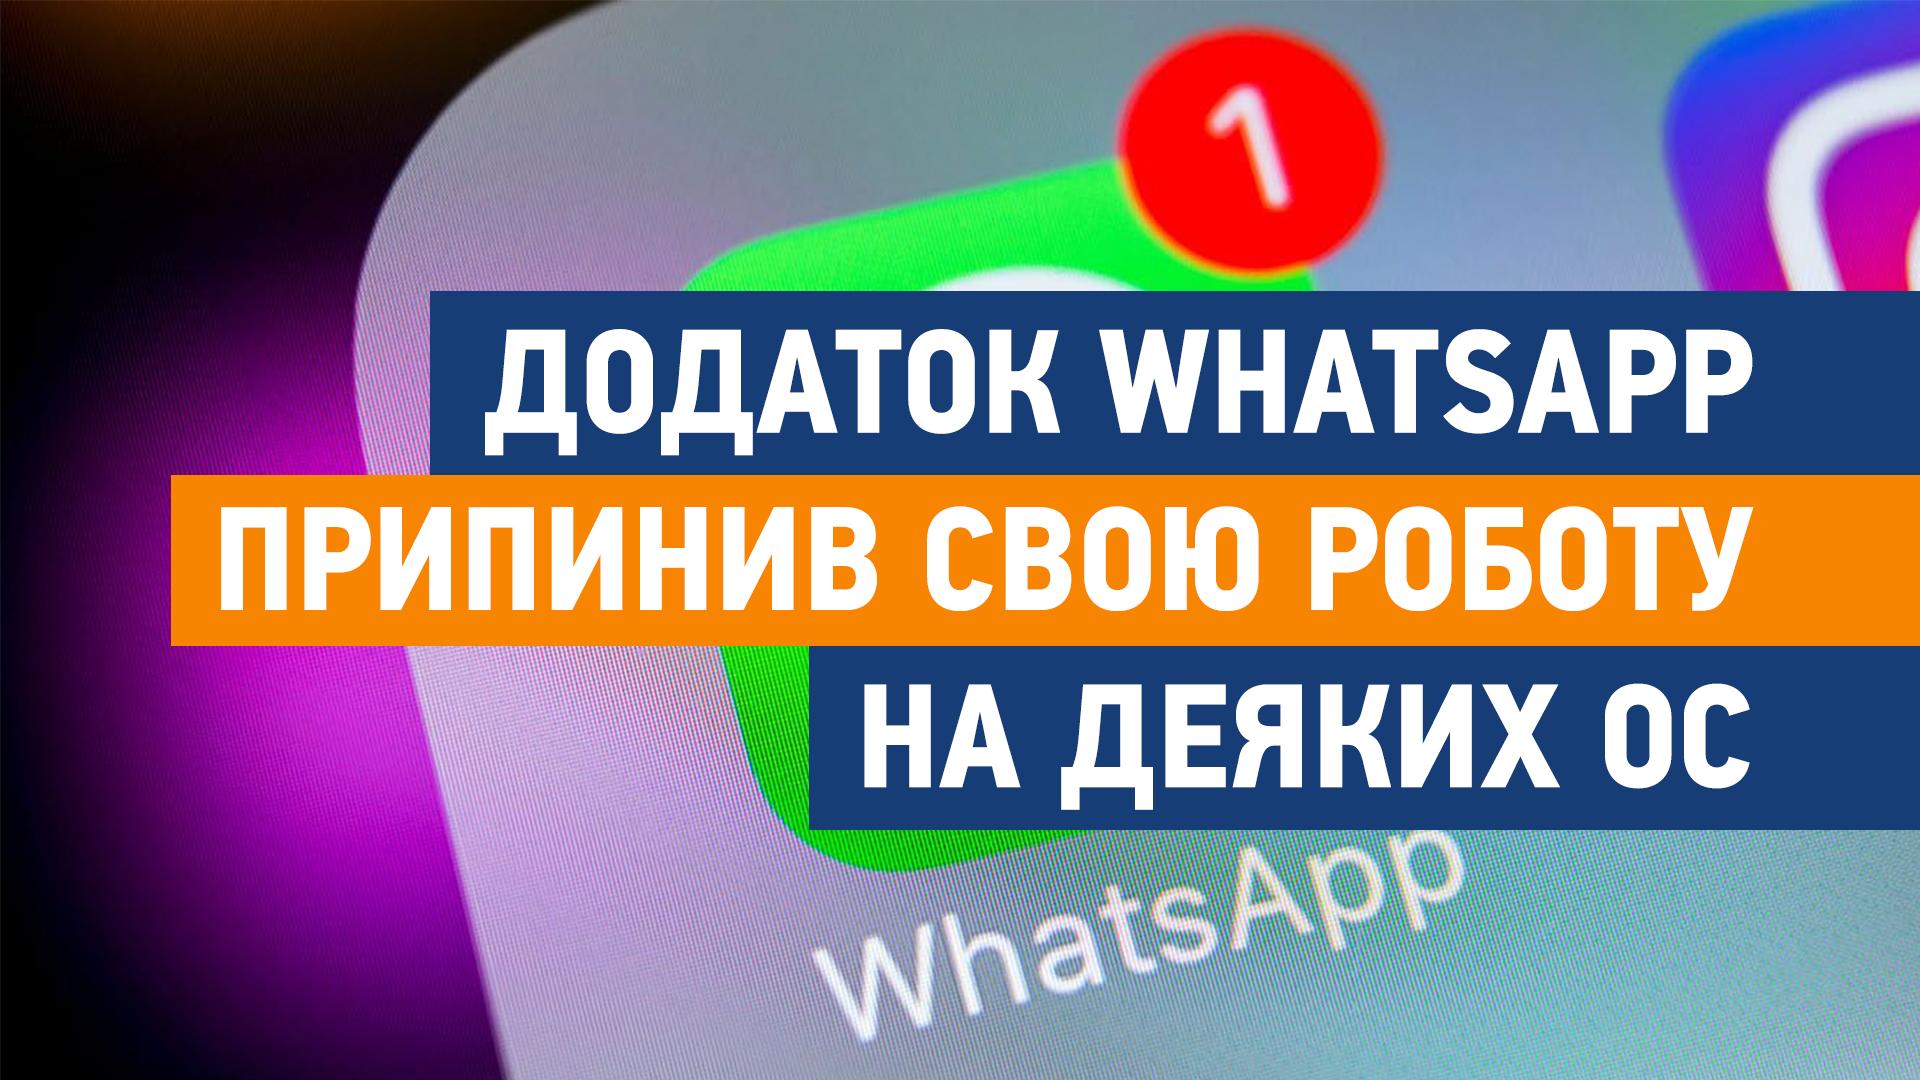 Додаток WhatsApp припинив свою роботу на деяких операційних системах - додаток, WhatsApp, Facebook - whatsapp poglyad